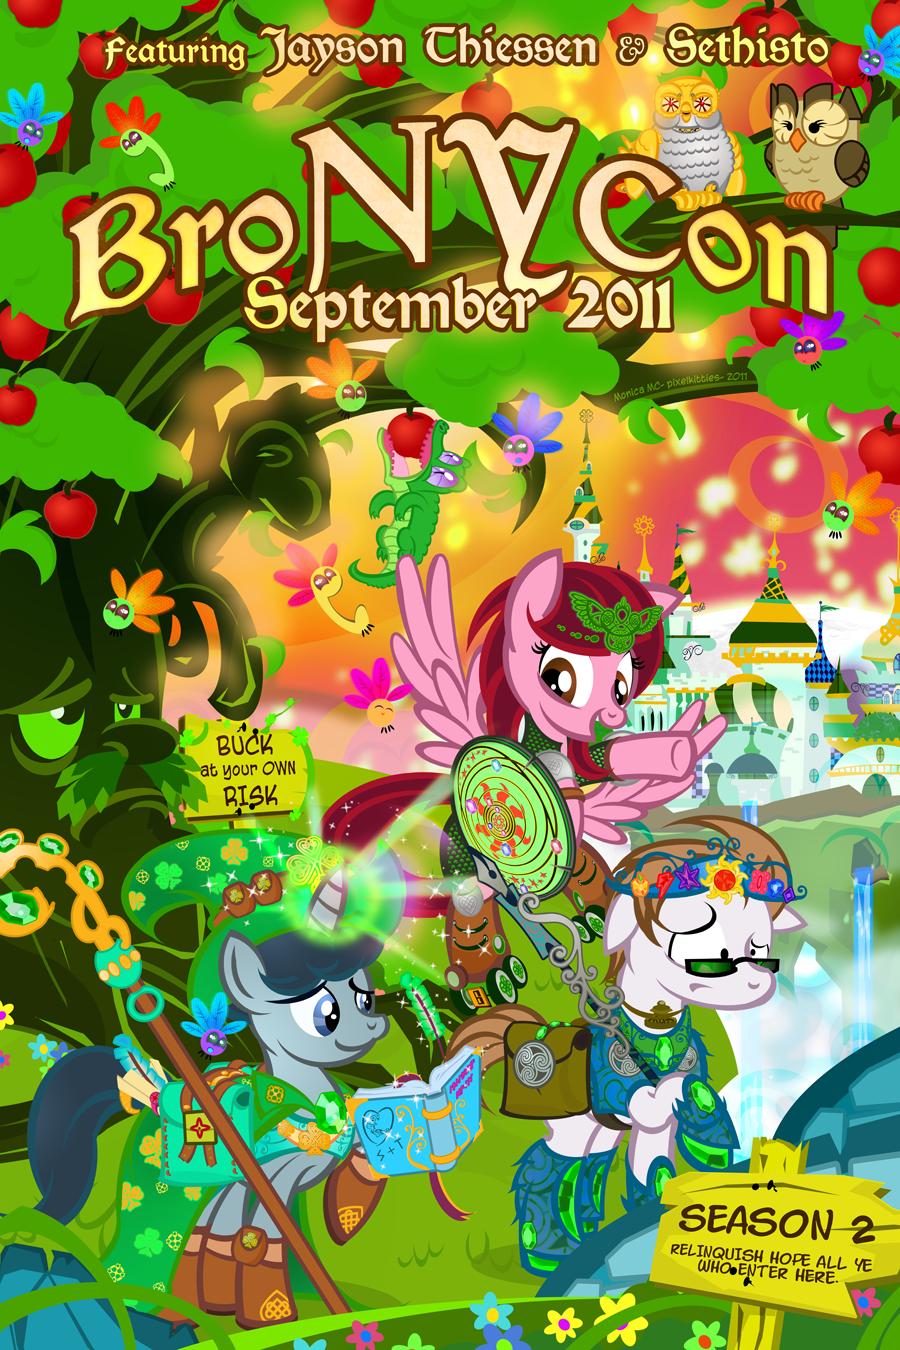 pixelkitties broNYcon poster by PixelKitties